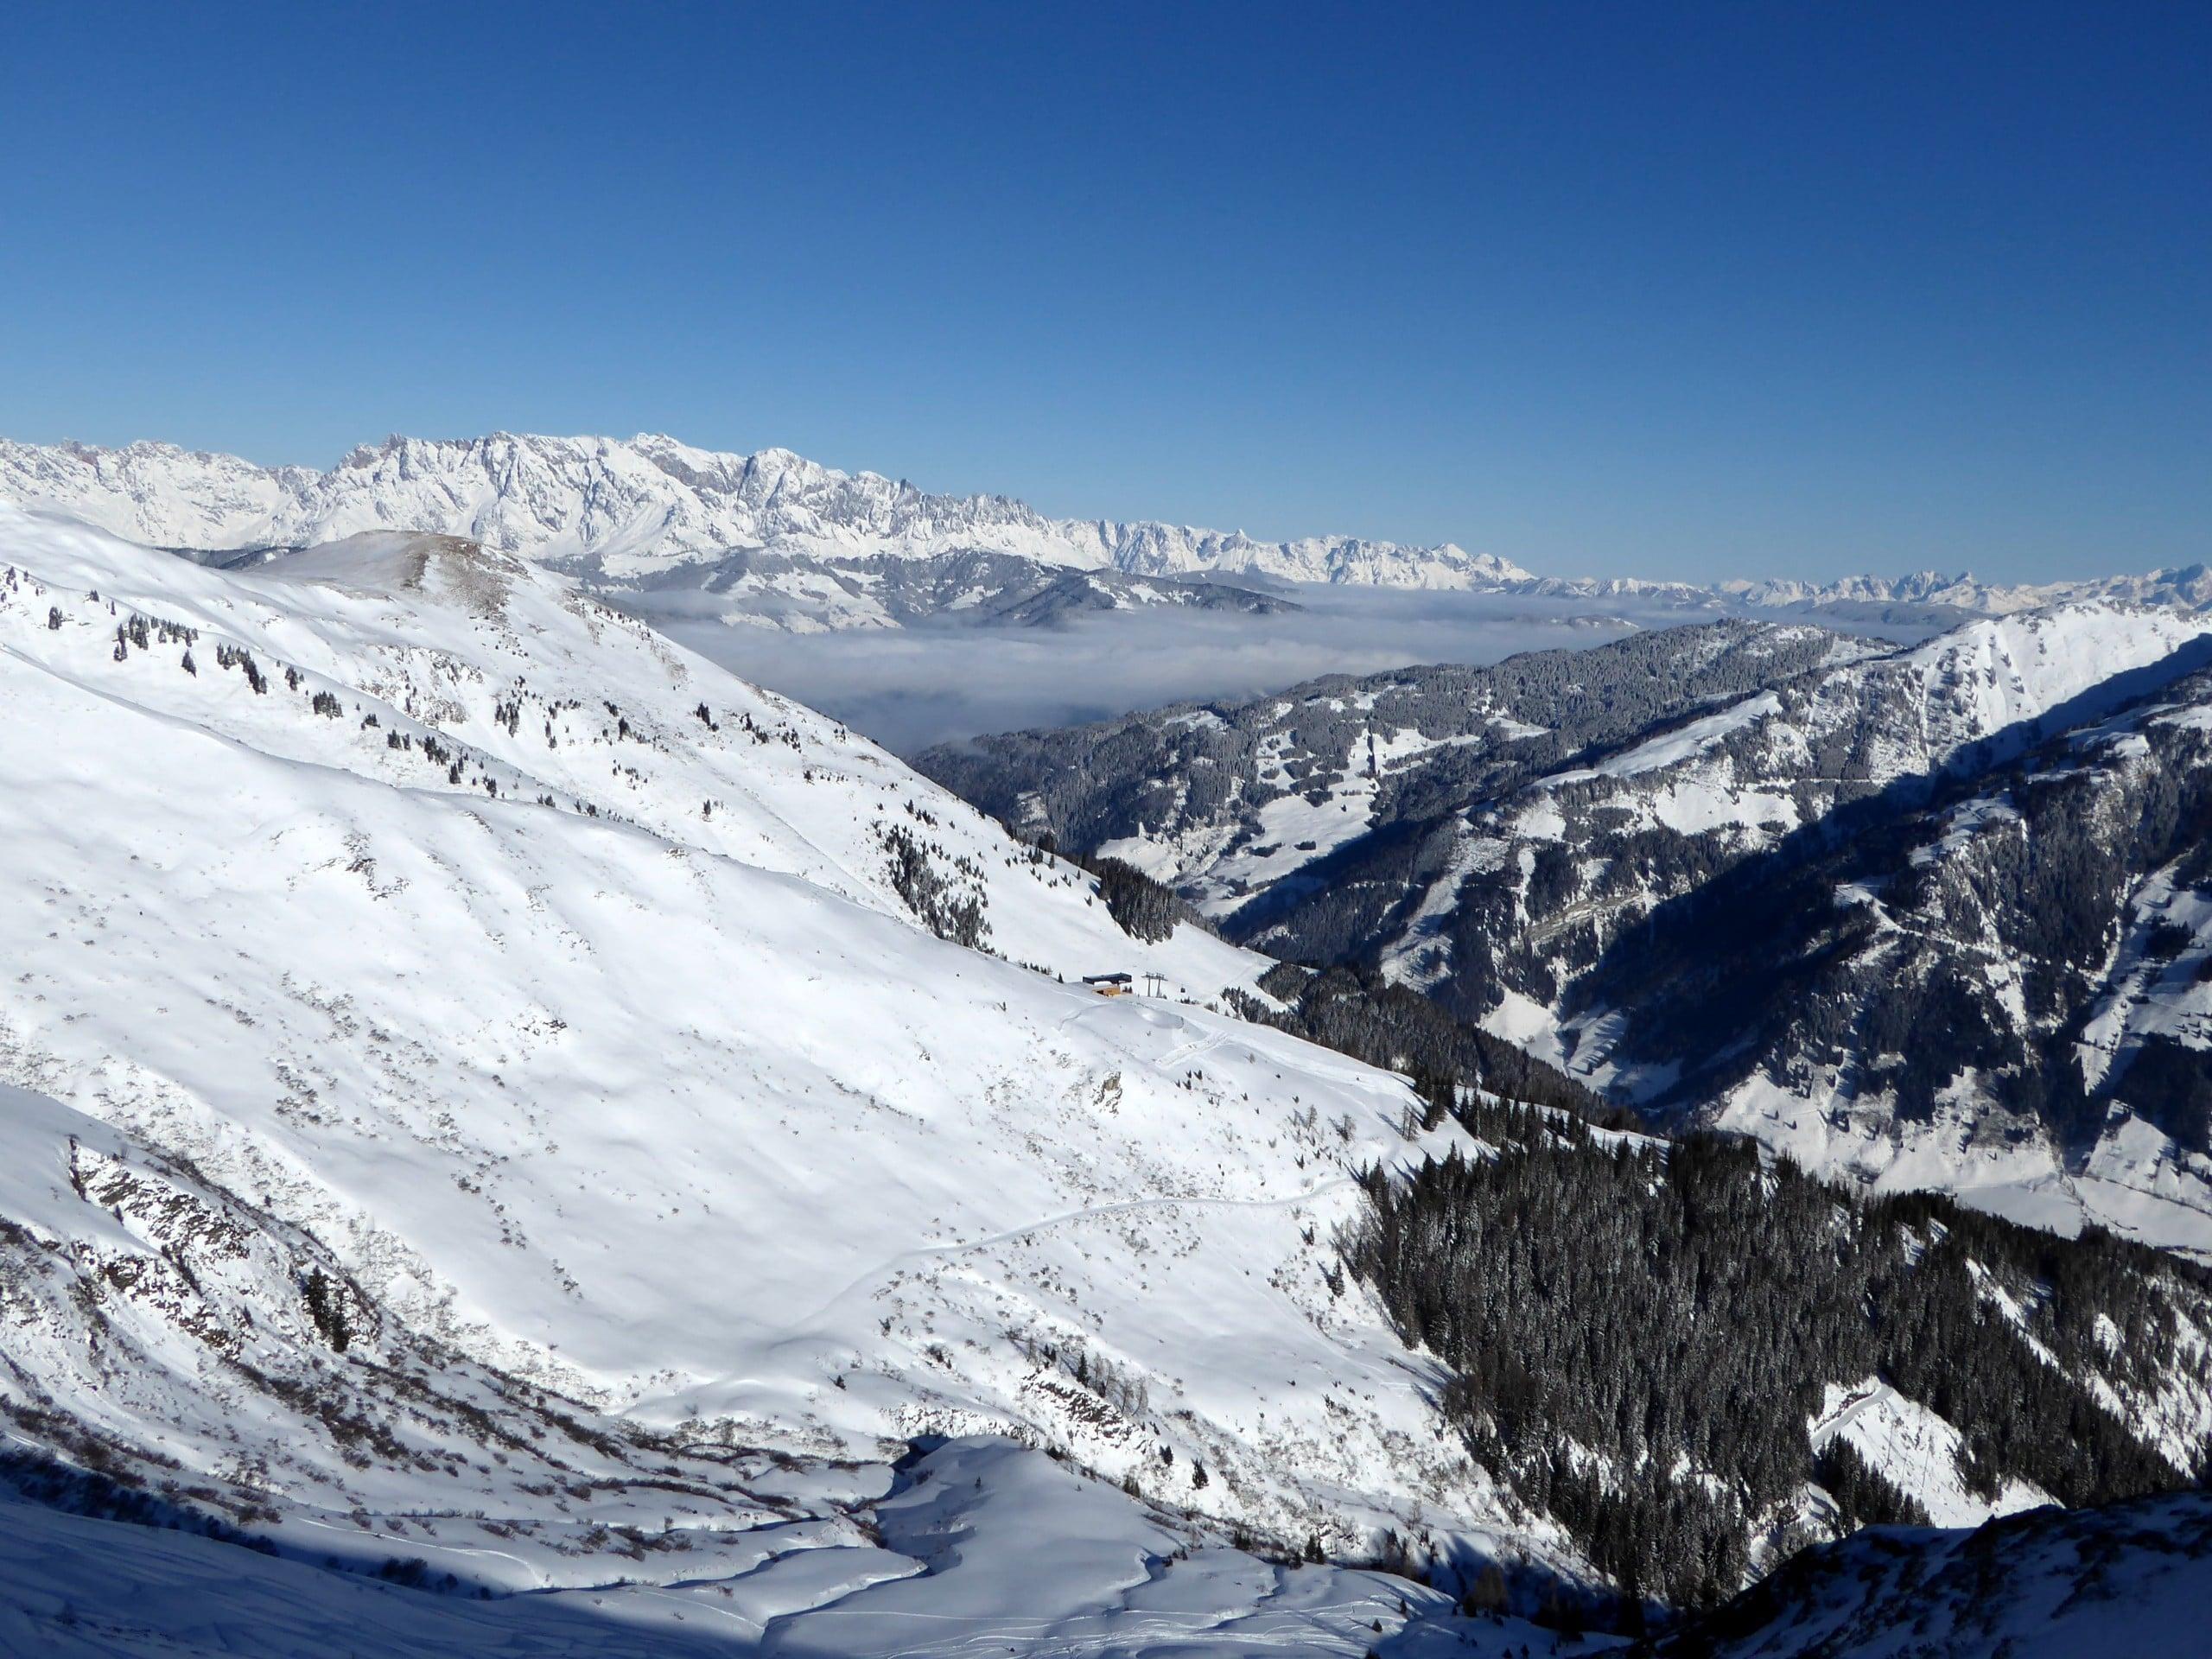 Die einzig wahre Skischule in Rauris, sehr empfehlenswert